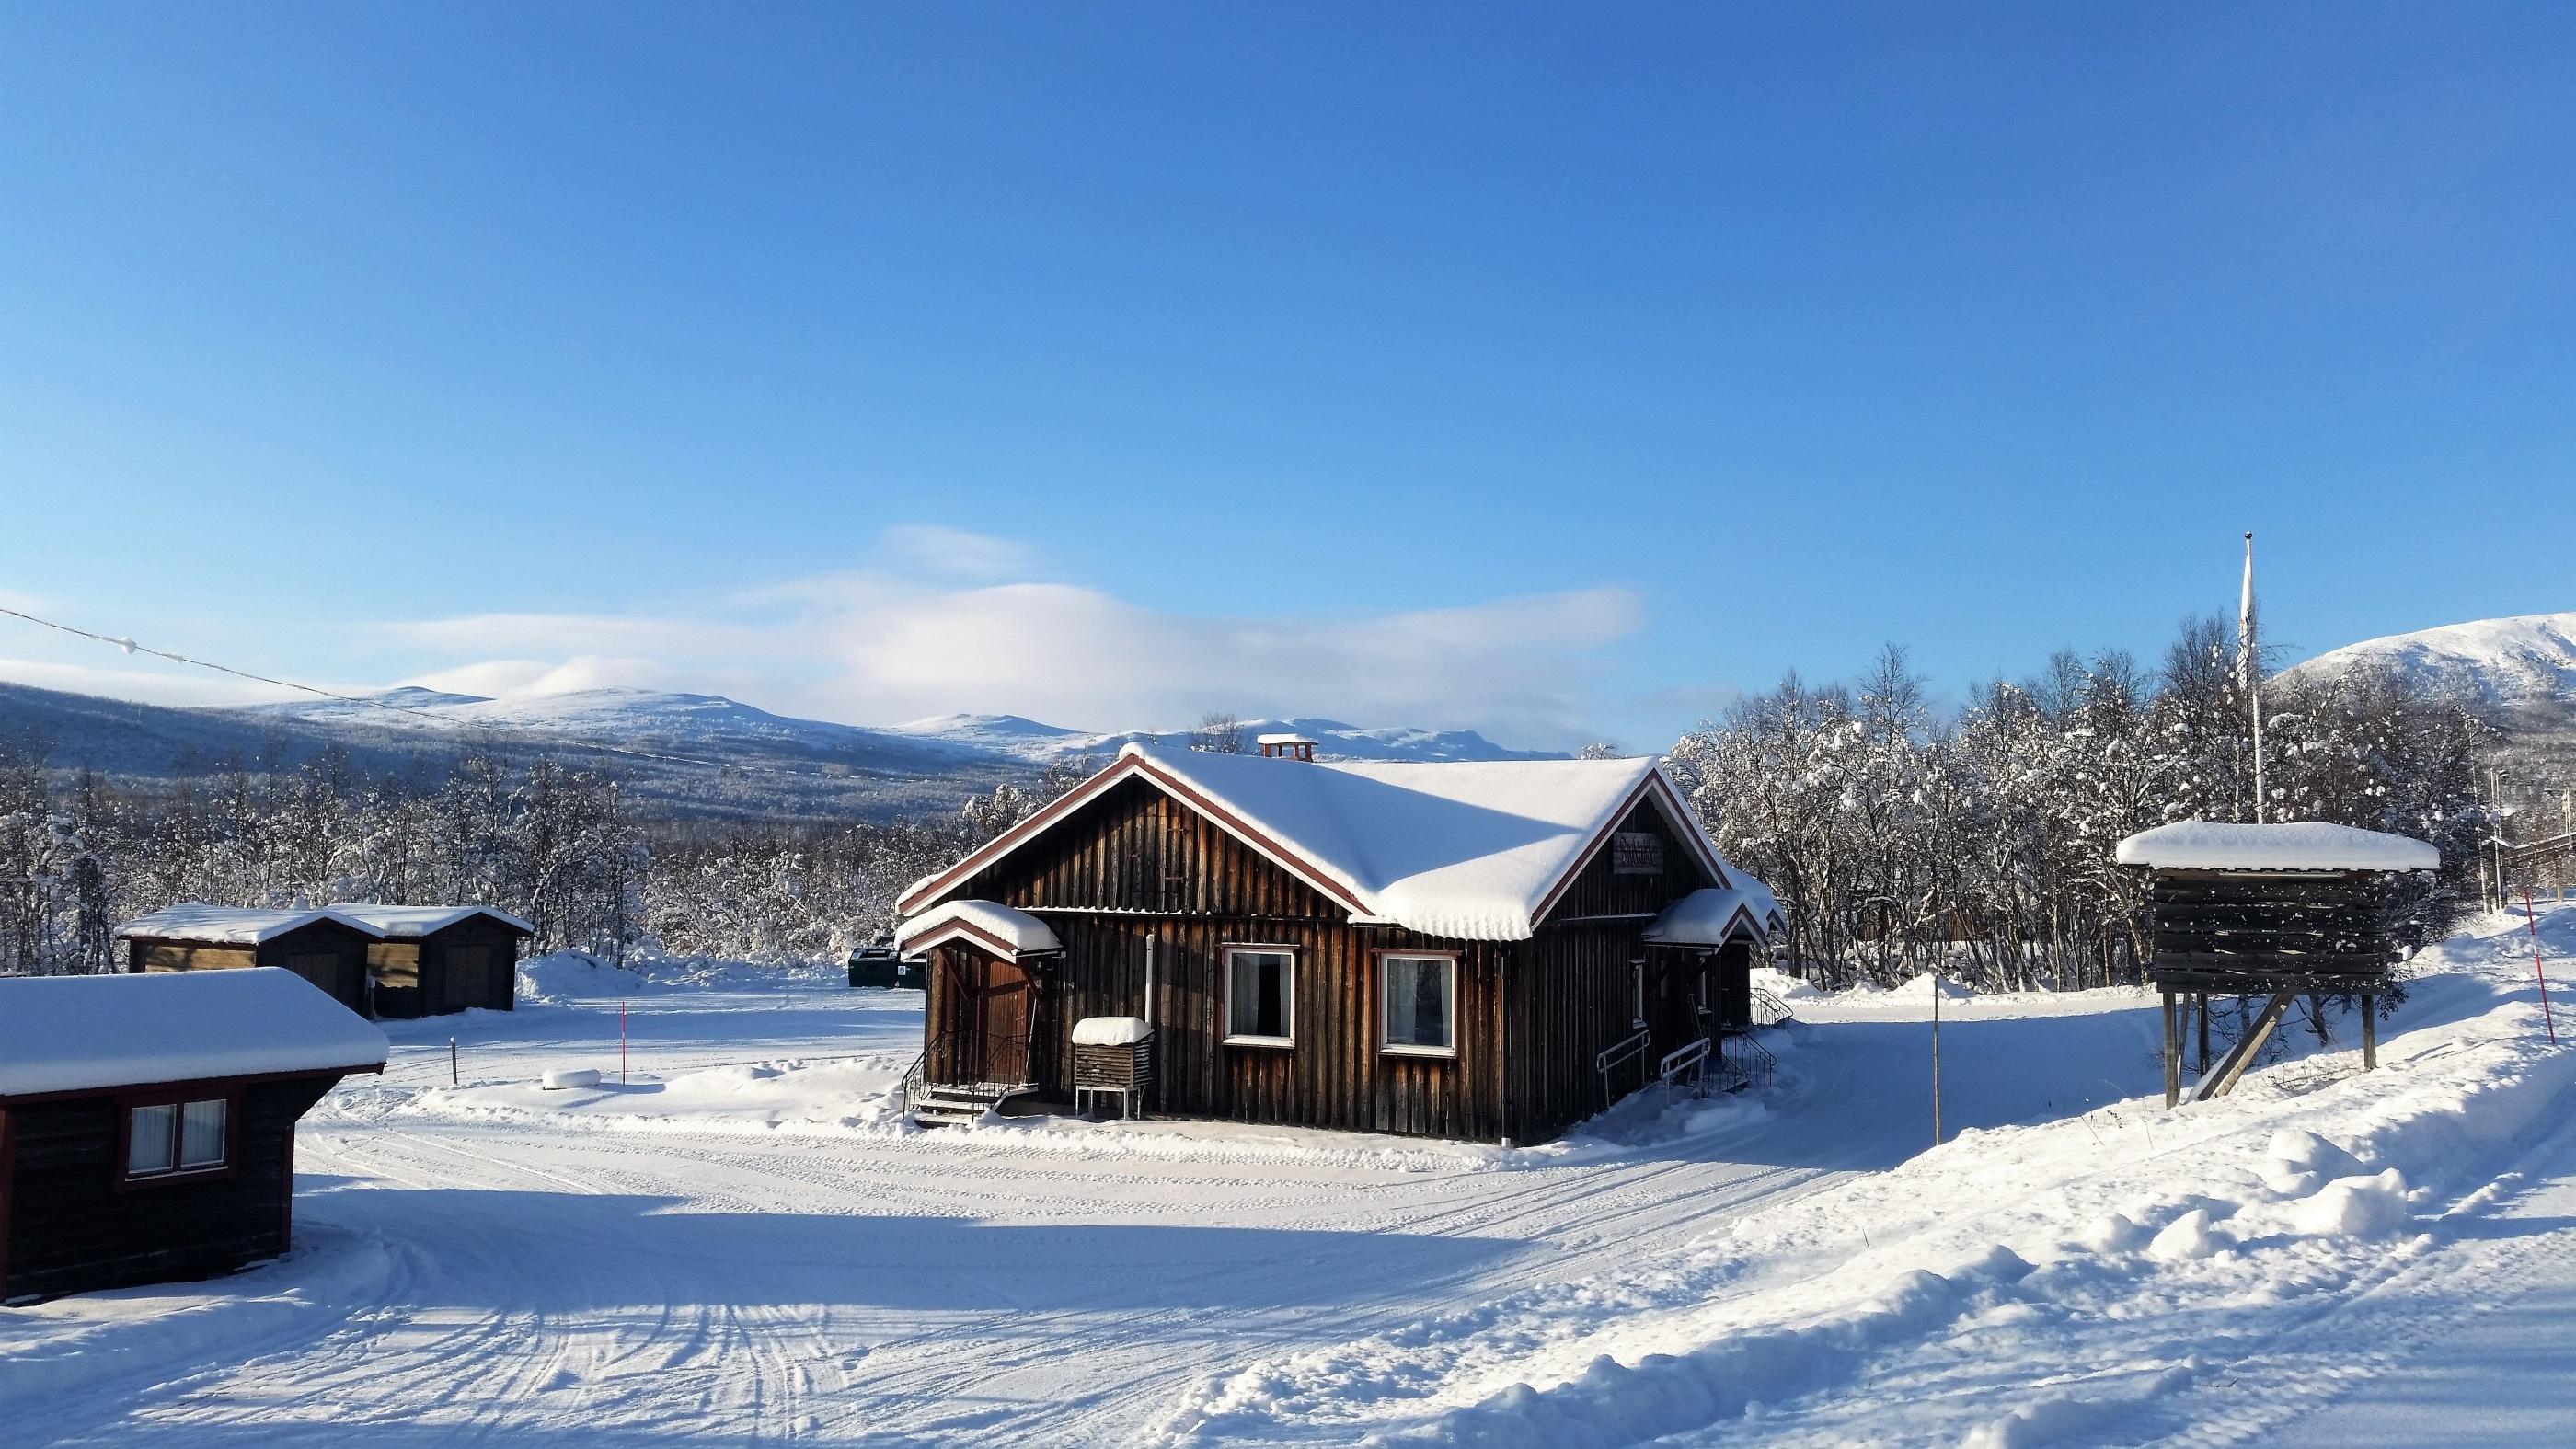 Bygdegården Vinter